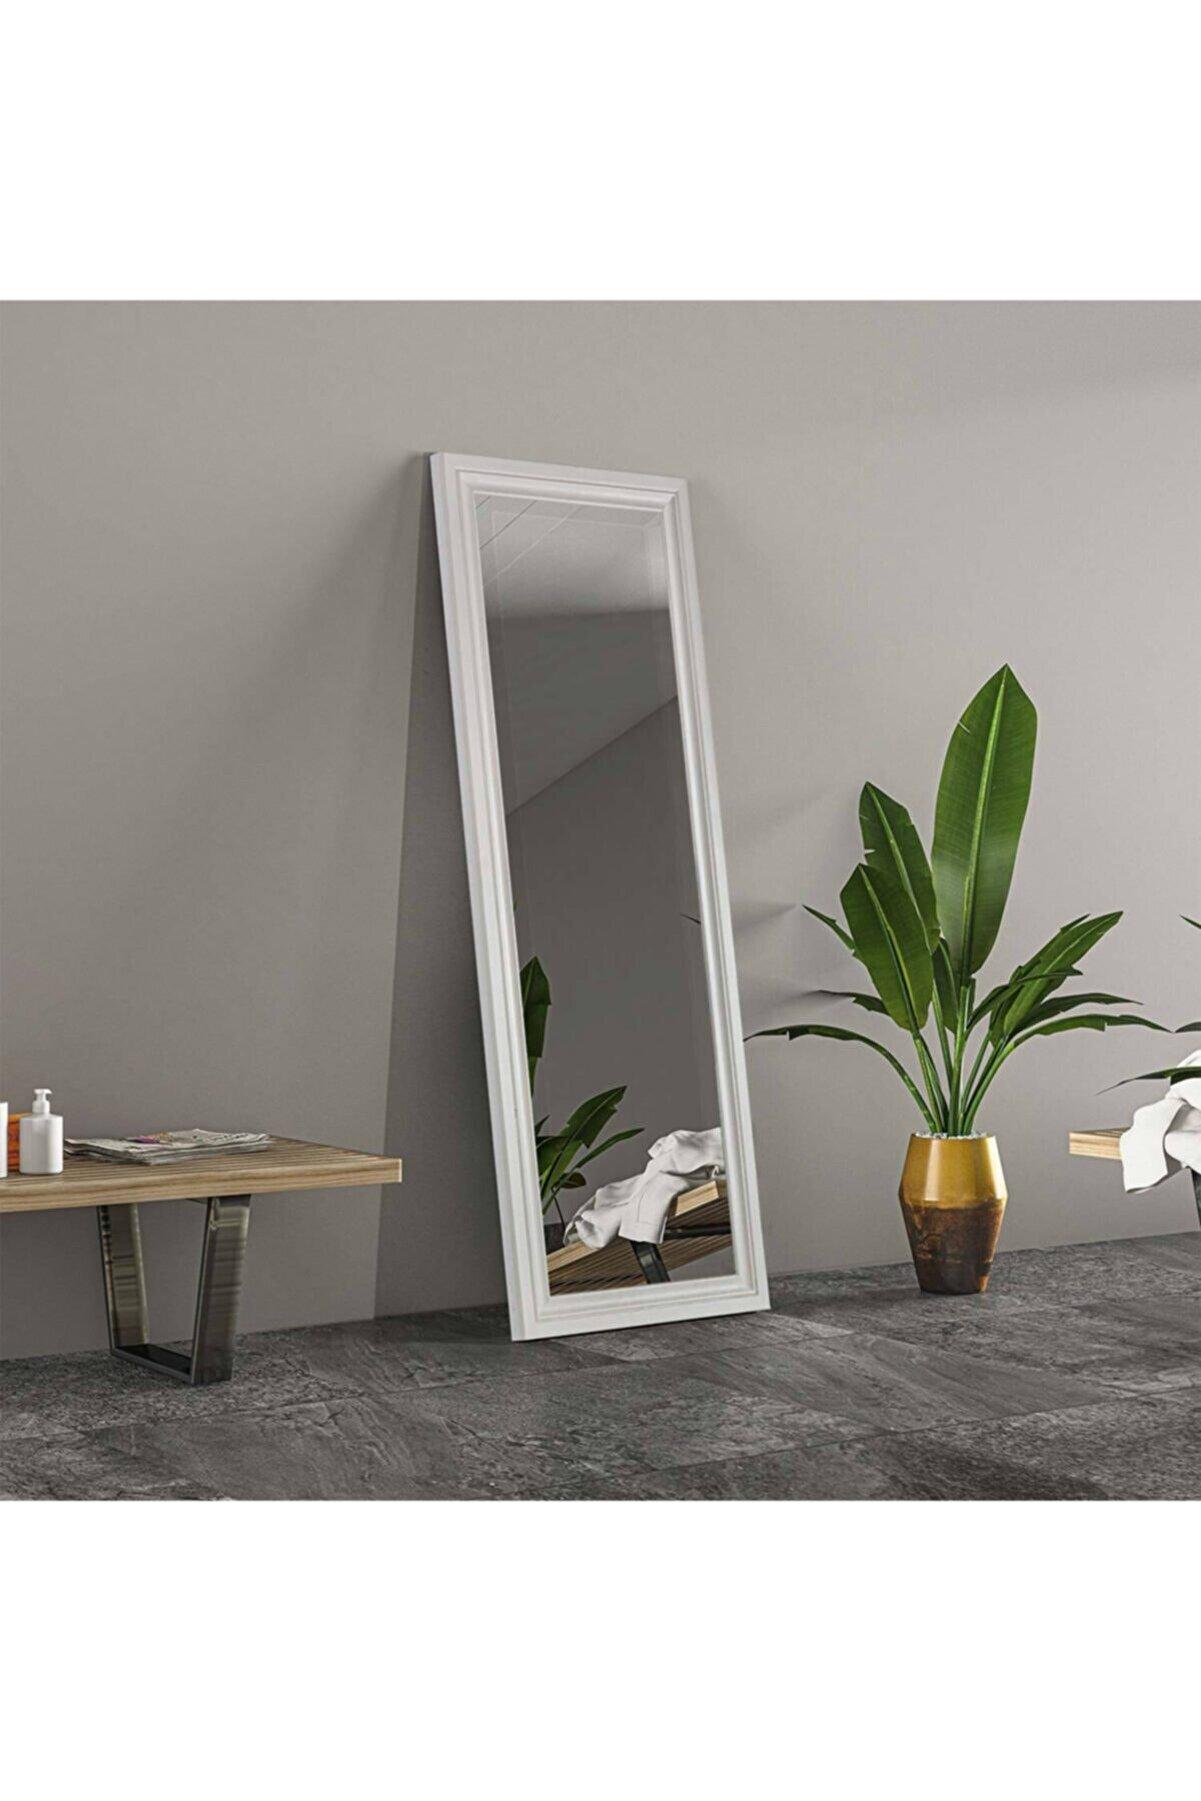 tino furniture Beyaz Dekoratif Ayna Boy Aynası 120x45 cm